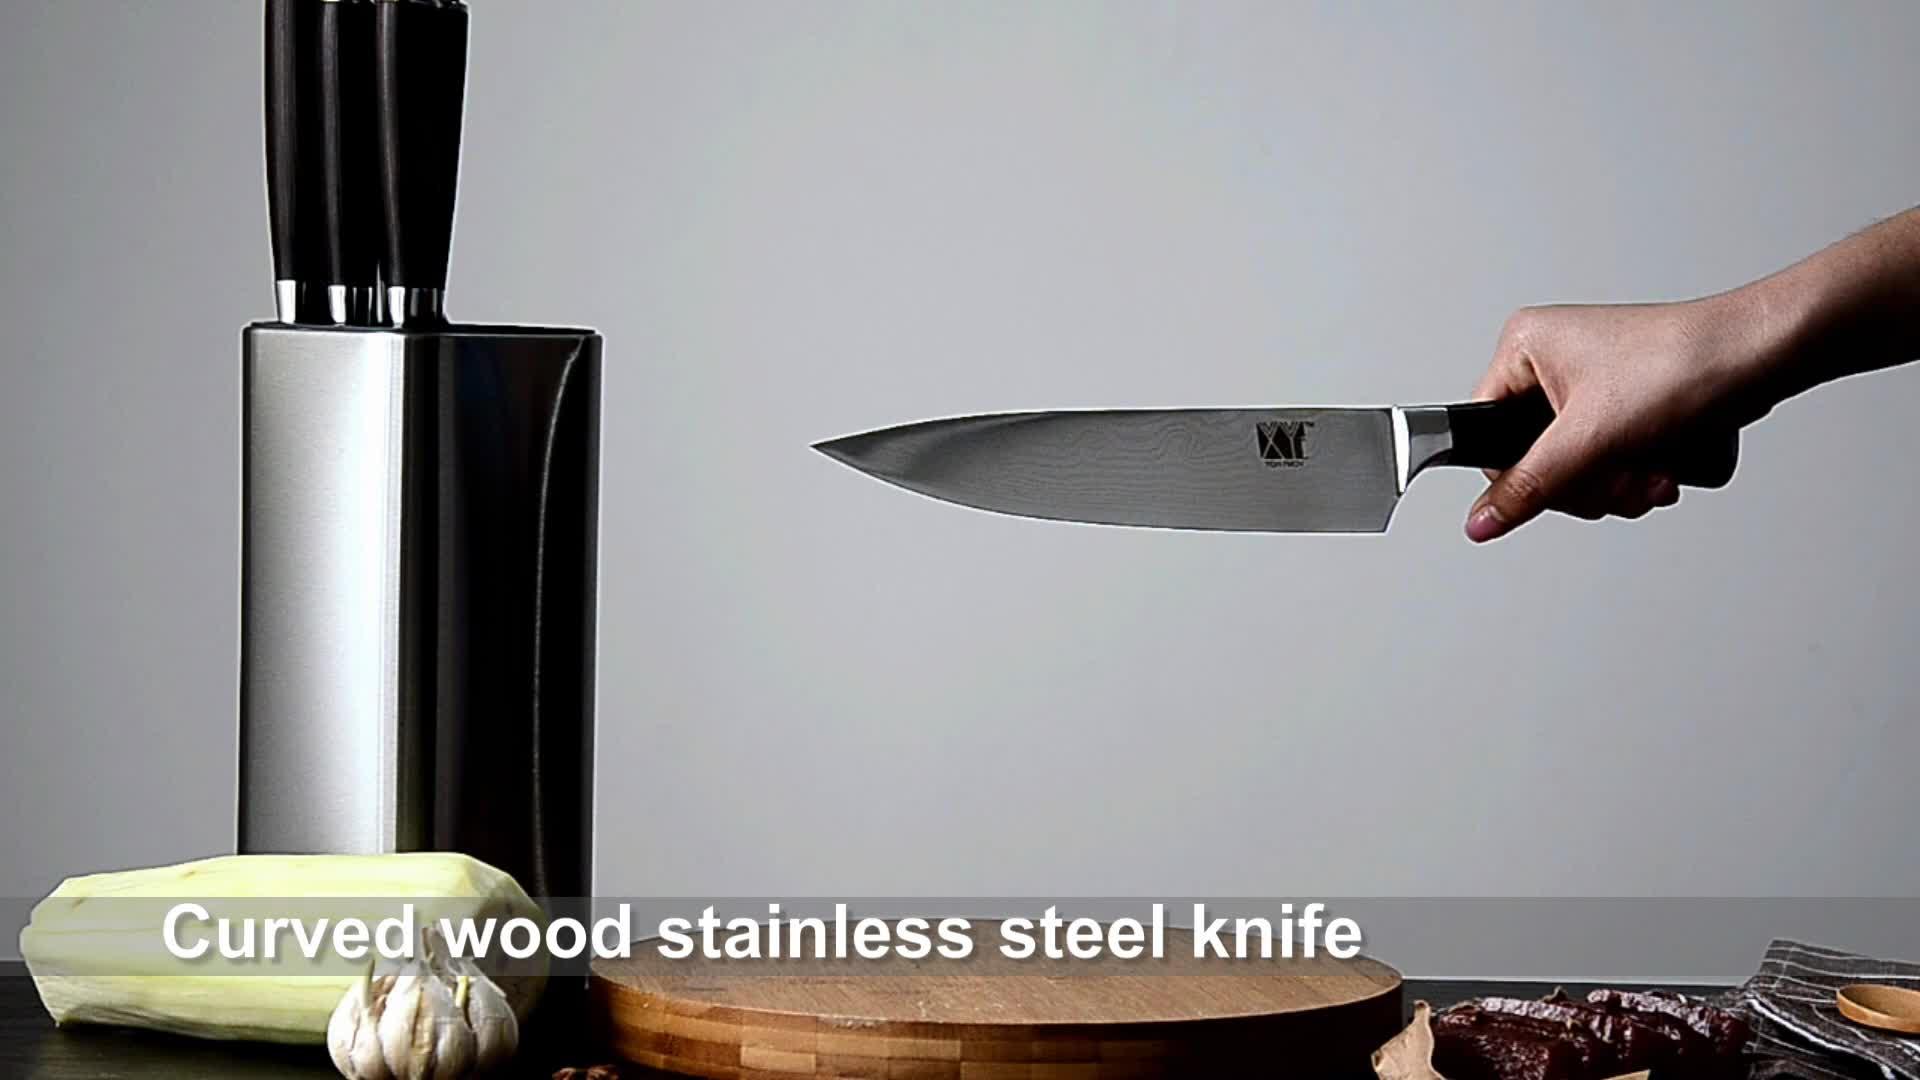 Aço inoxidável Standars Aço Inoxidável 440C Chef De Aço Inoxidável faca de 8 Polegada Yangjiang XYj Facas De Cozinha Fábrica